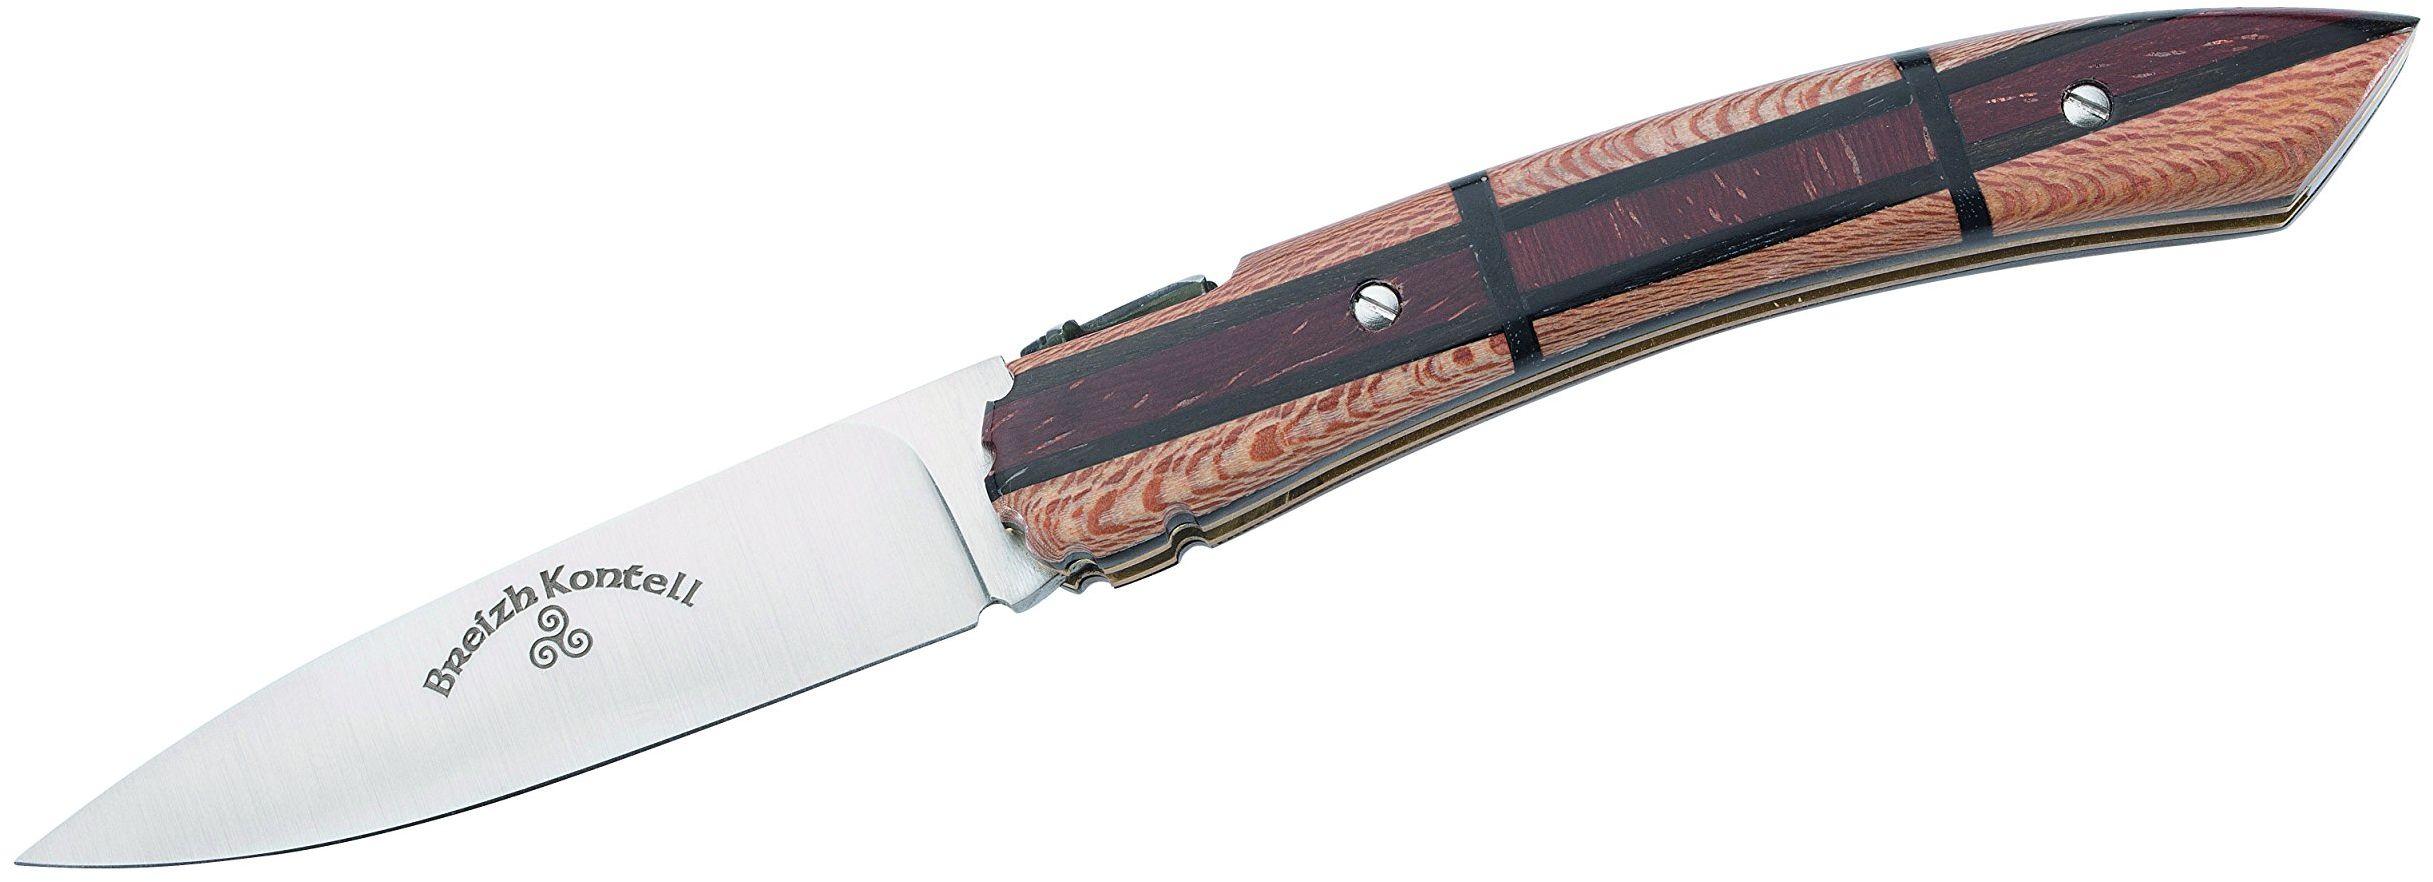 L''Atelier des Couteaux BREIZH KONTELL scyzoryk z drewna hebanowego, niebieski, M